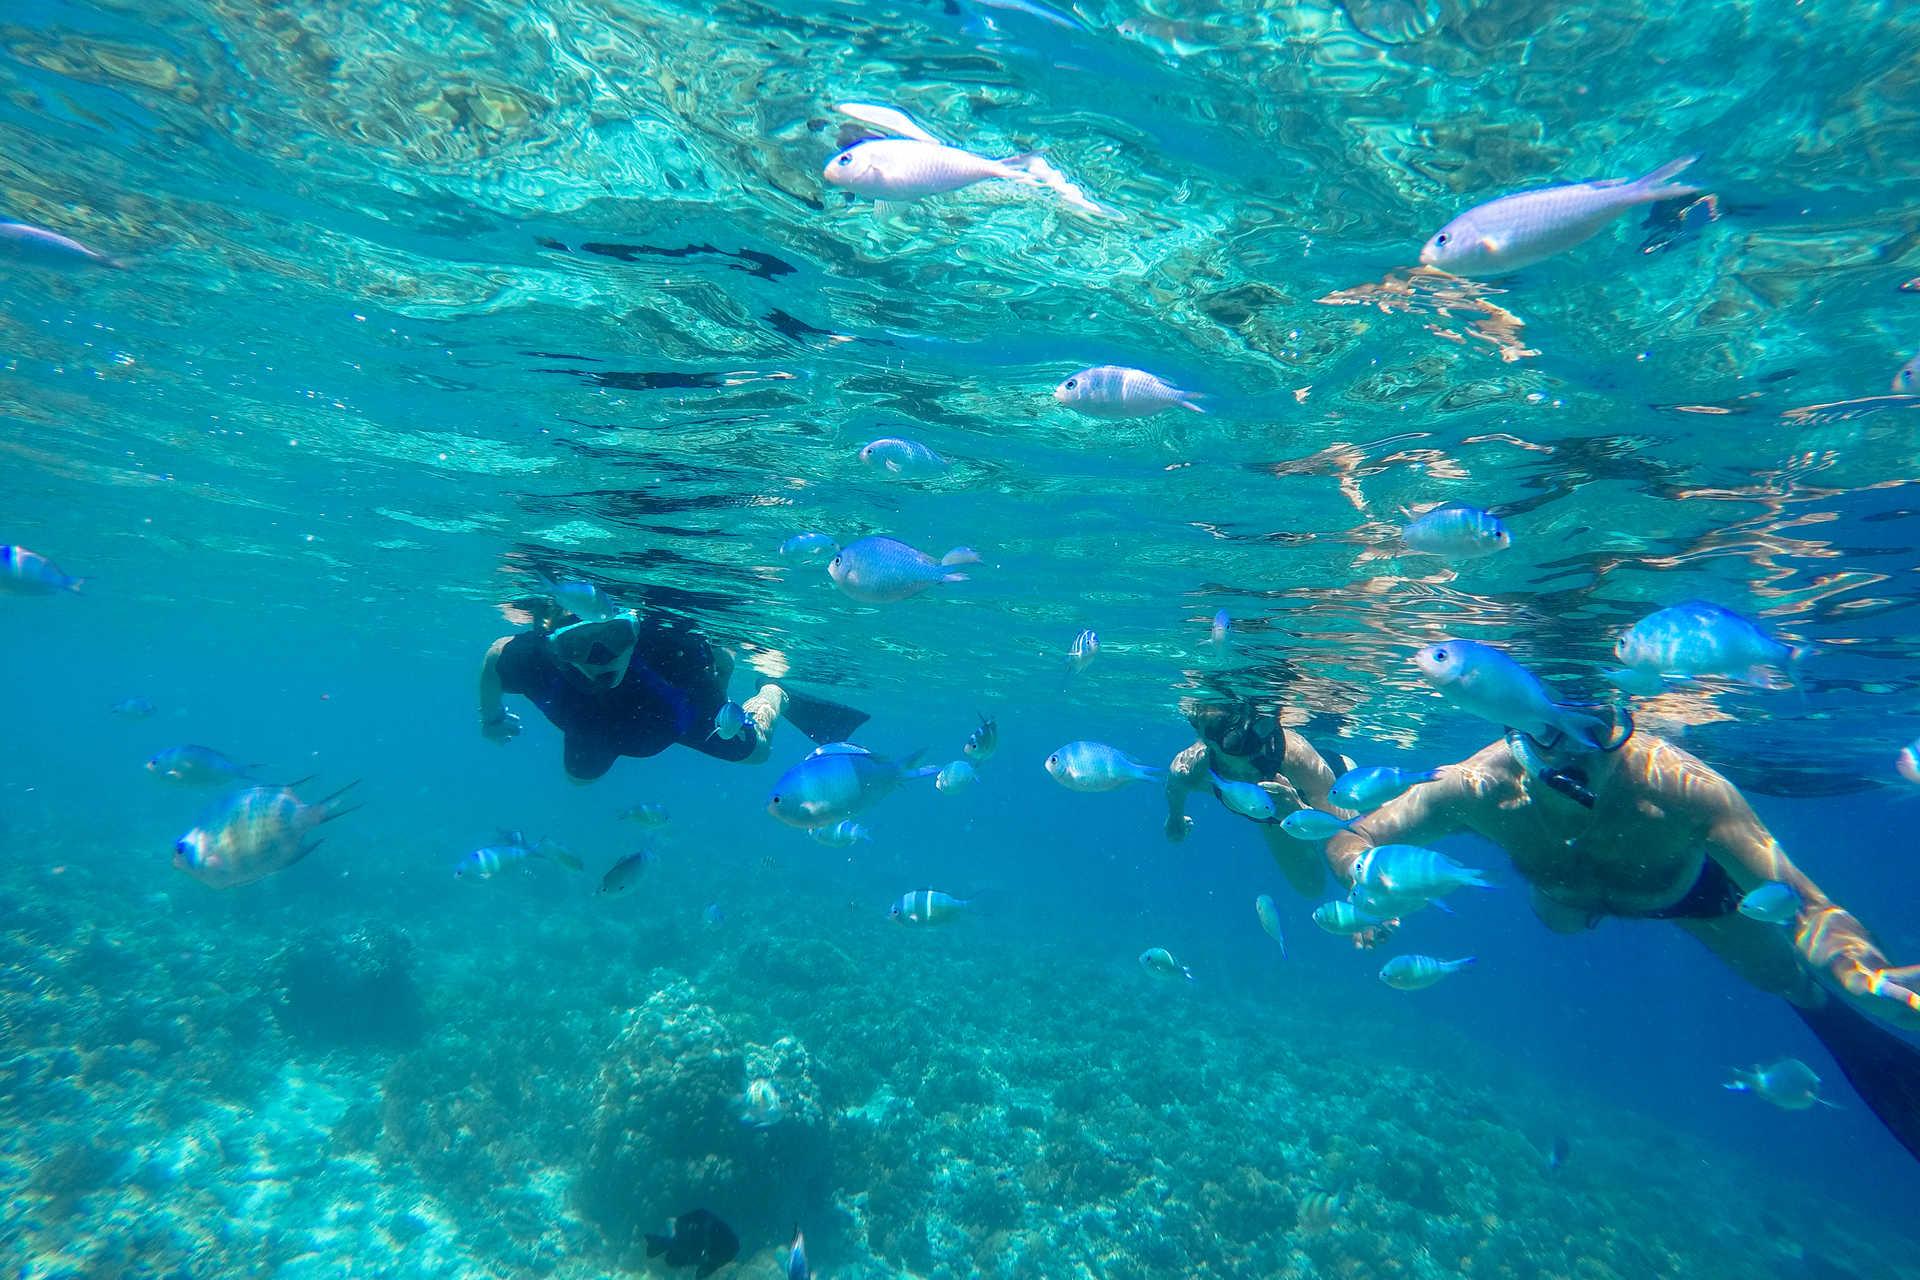 Snorkeling au milieu des poissons dans une eau turquoise